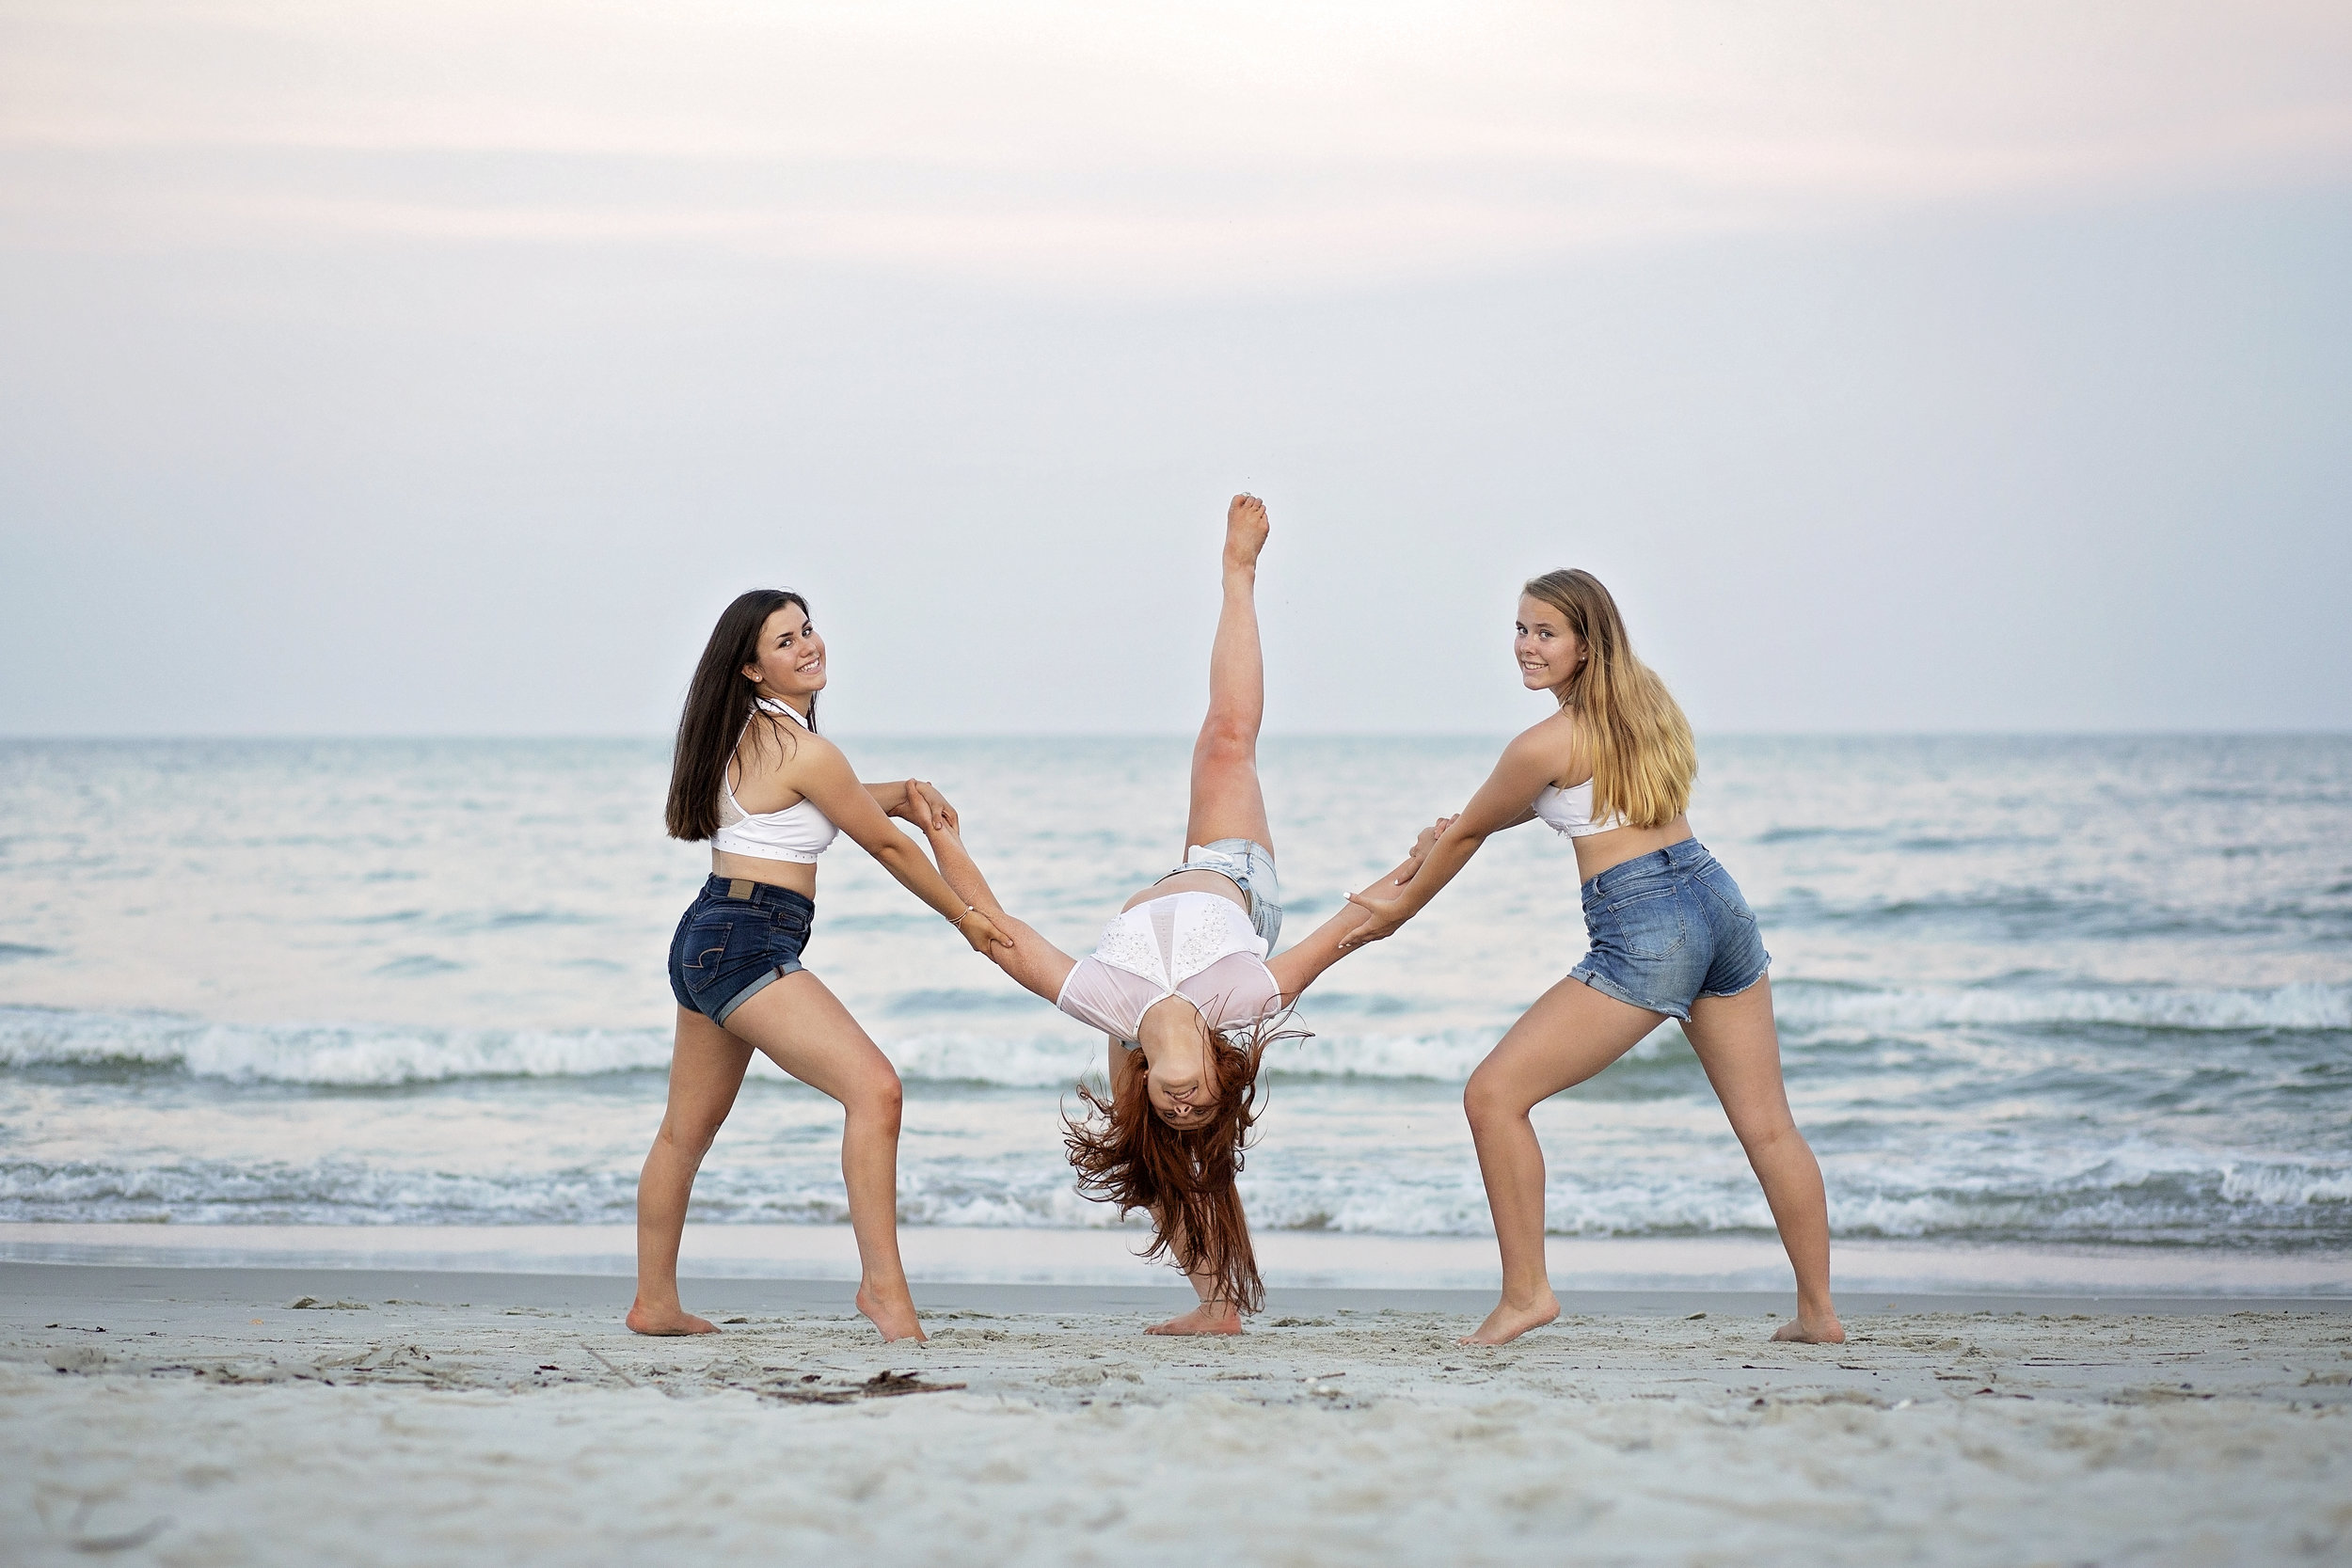 east coast dance photographer nc sc dance photography myrtle beach